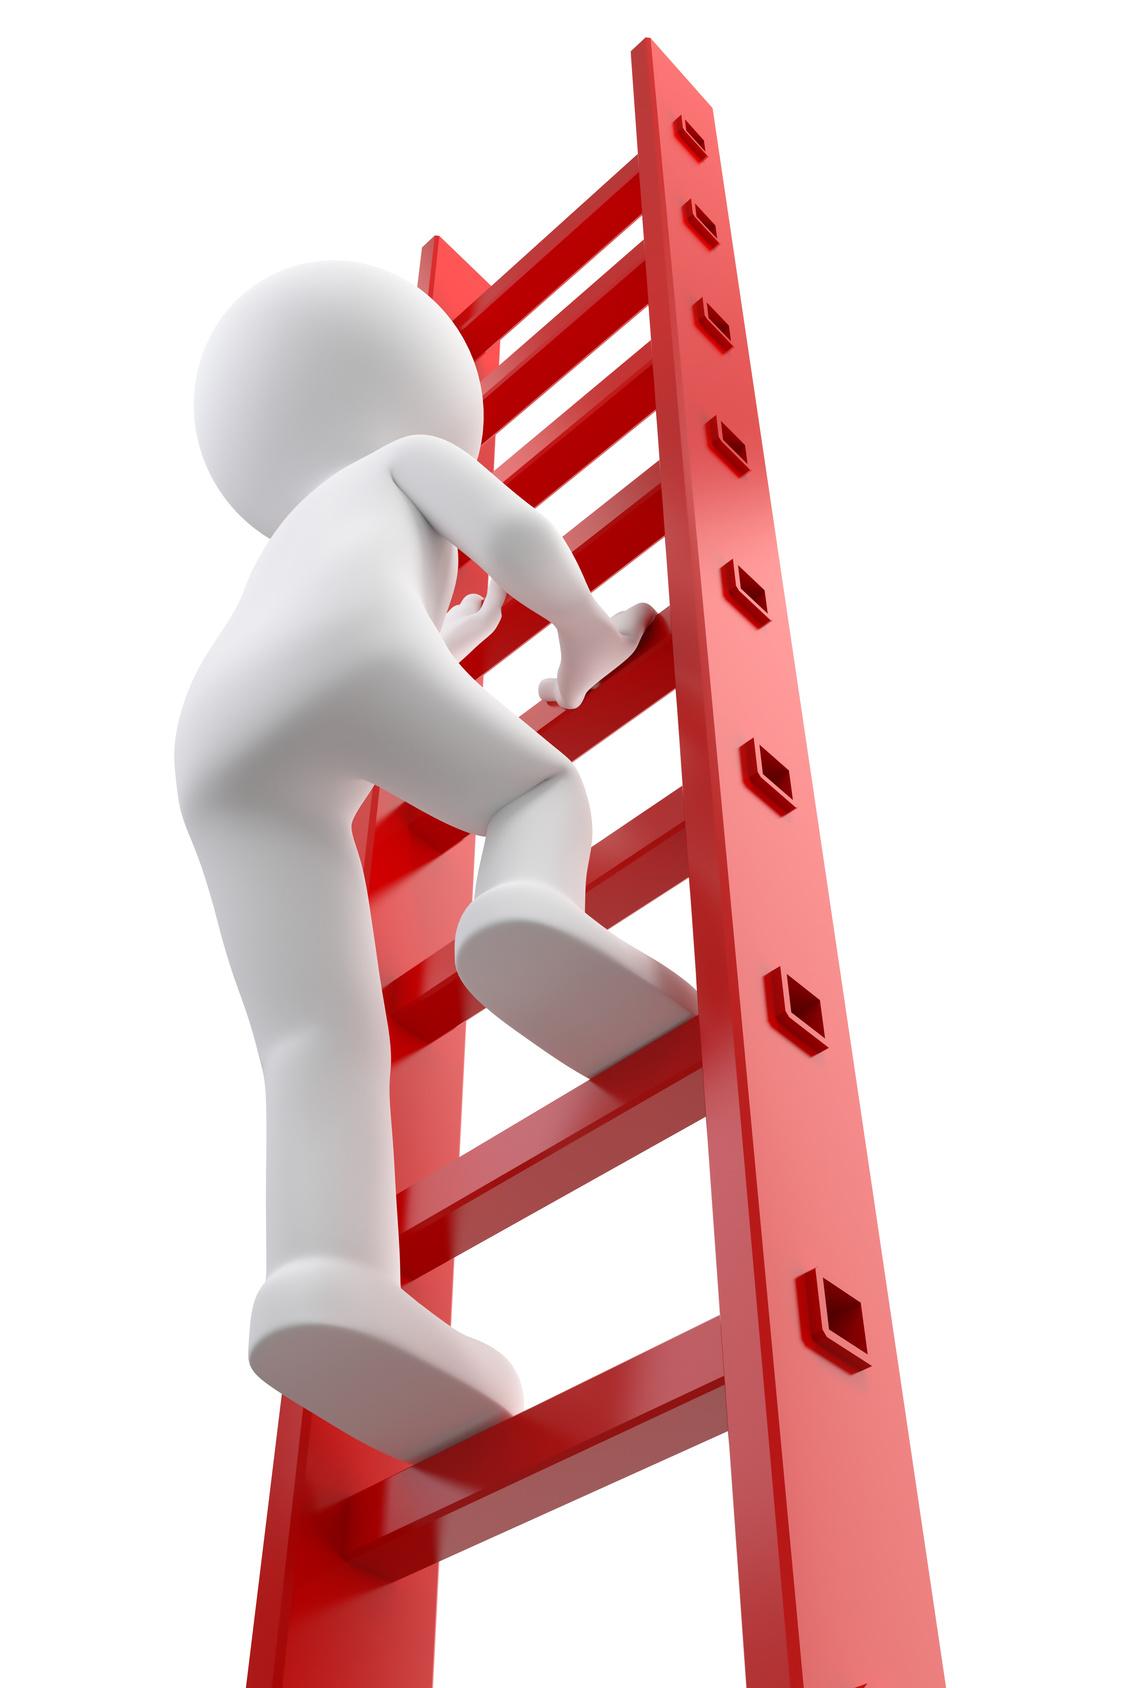 Måttanpassade trappor